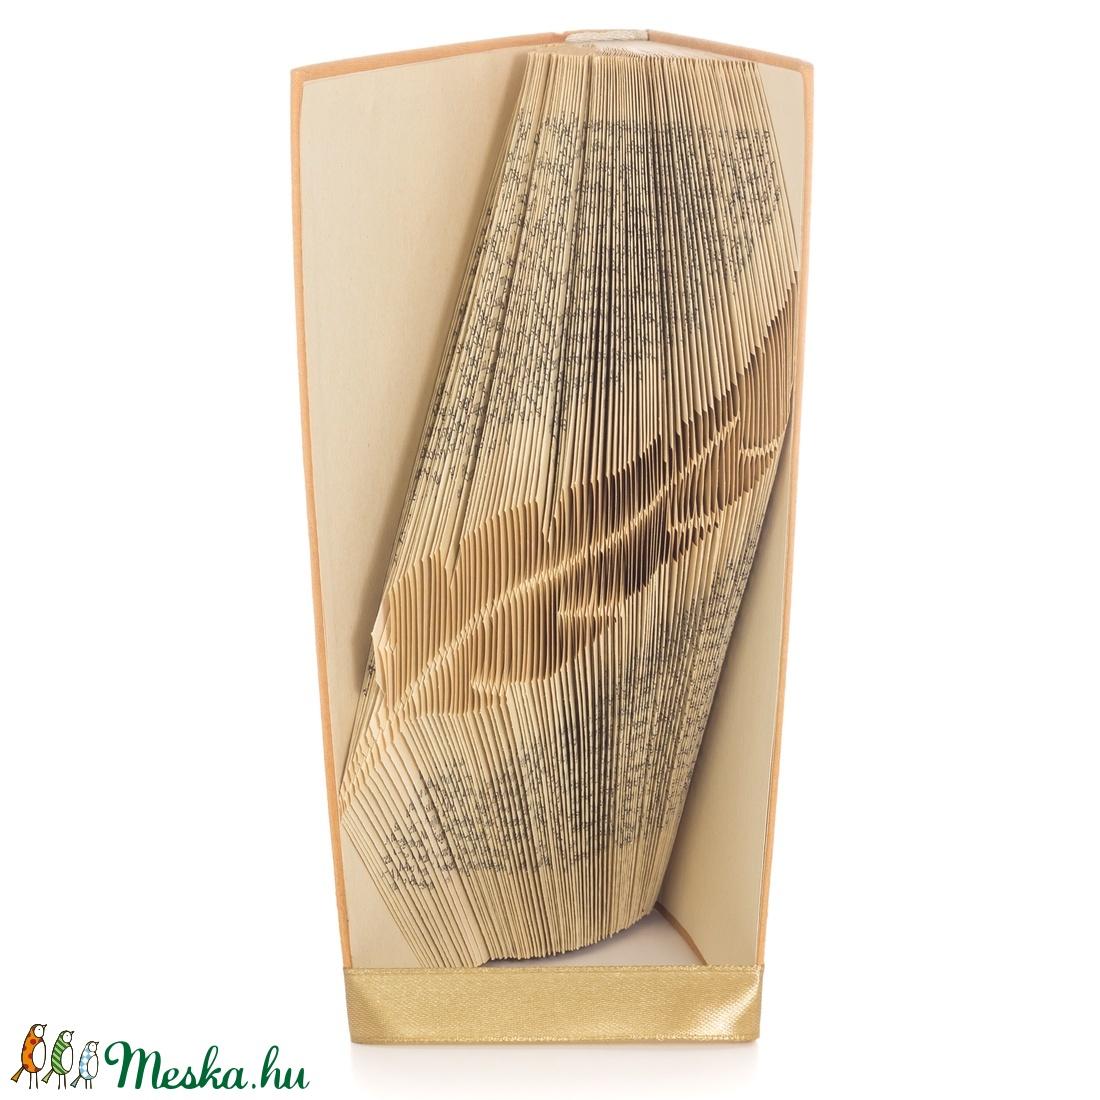 Toll alakú hajtogatott könyvszobor, Író ajándék, Költő, Tanárnak, Művészet E866 (Wolfabric) - Meska.hu